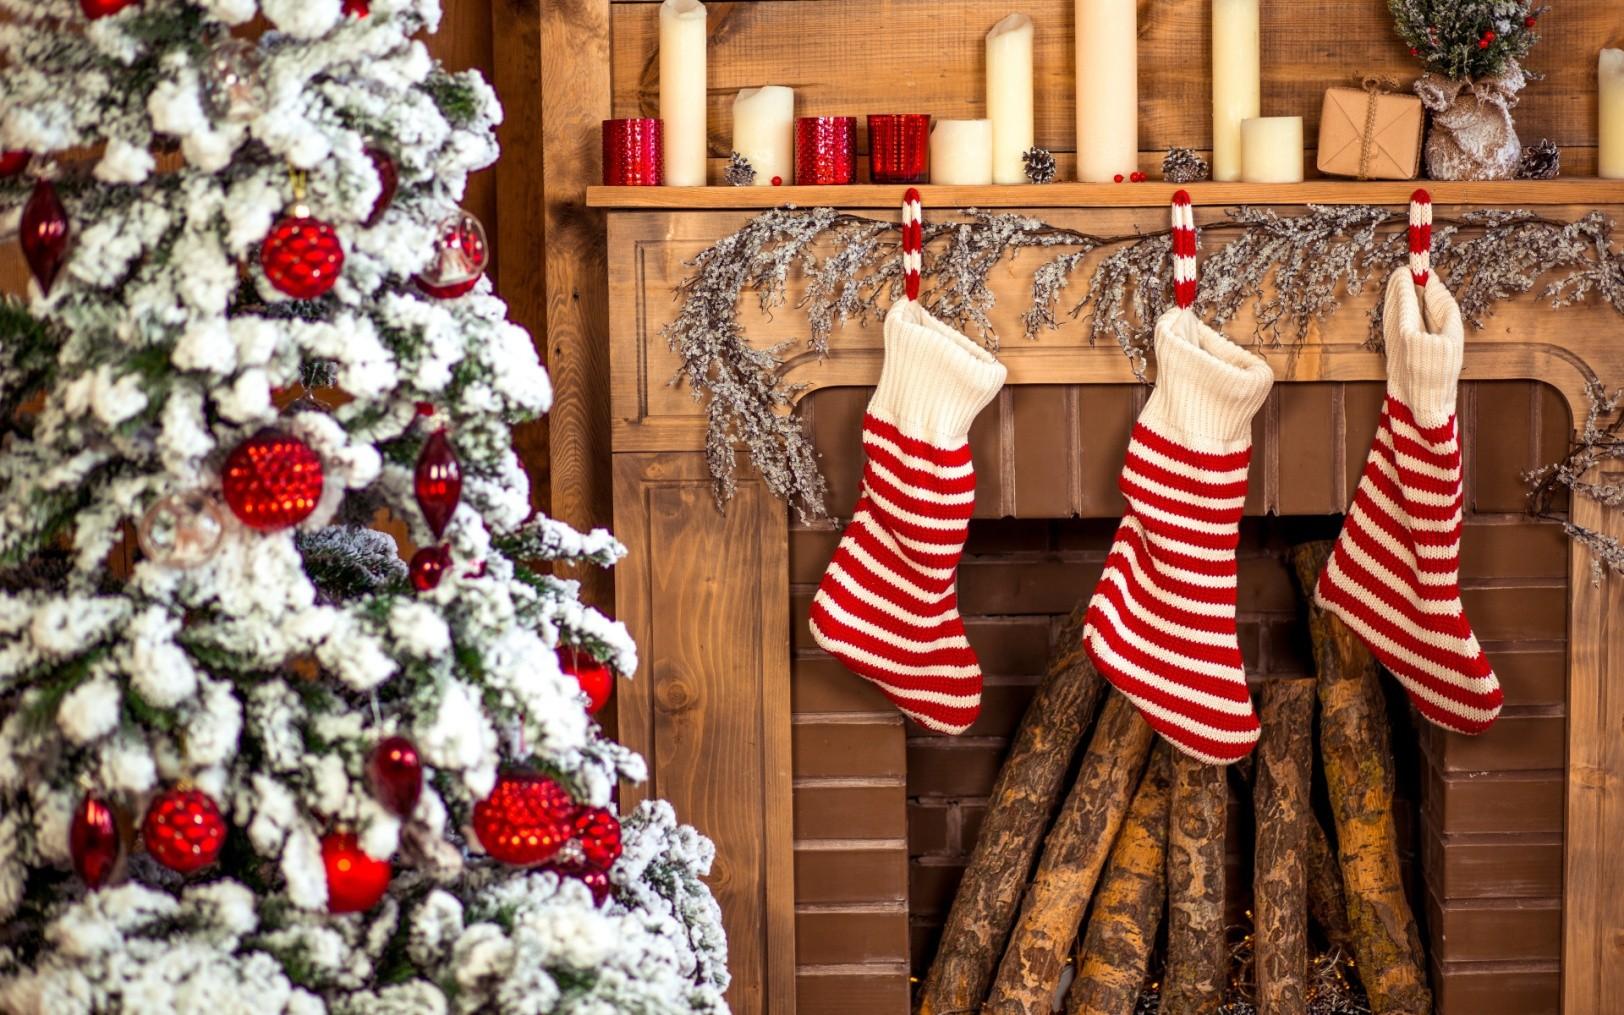 https://img4.goodfon.ru/original/1920x1200/6/9a/rozhdestvo-christmas-tree-elka-gifts-holiday-celebration--13.jpg